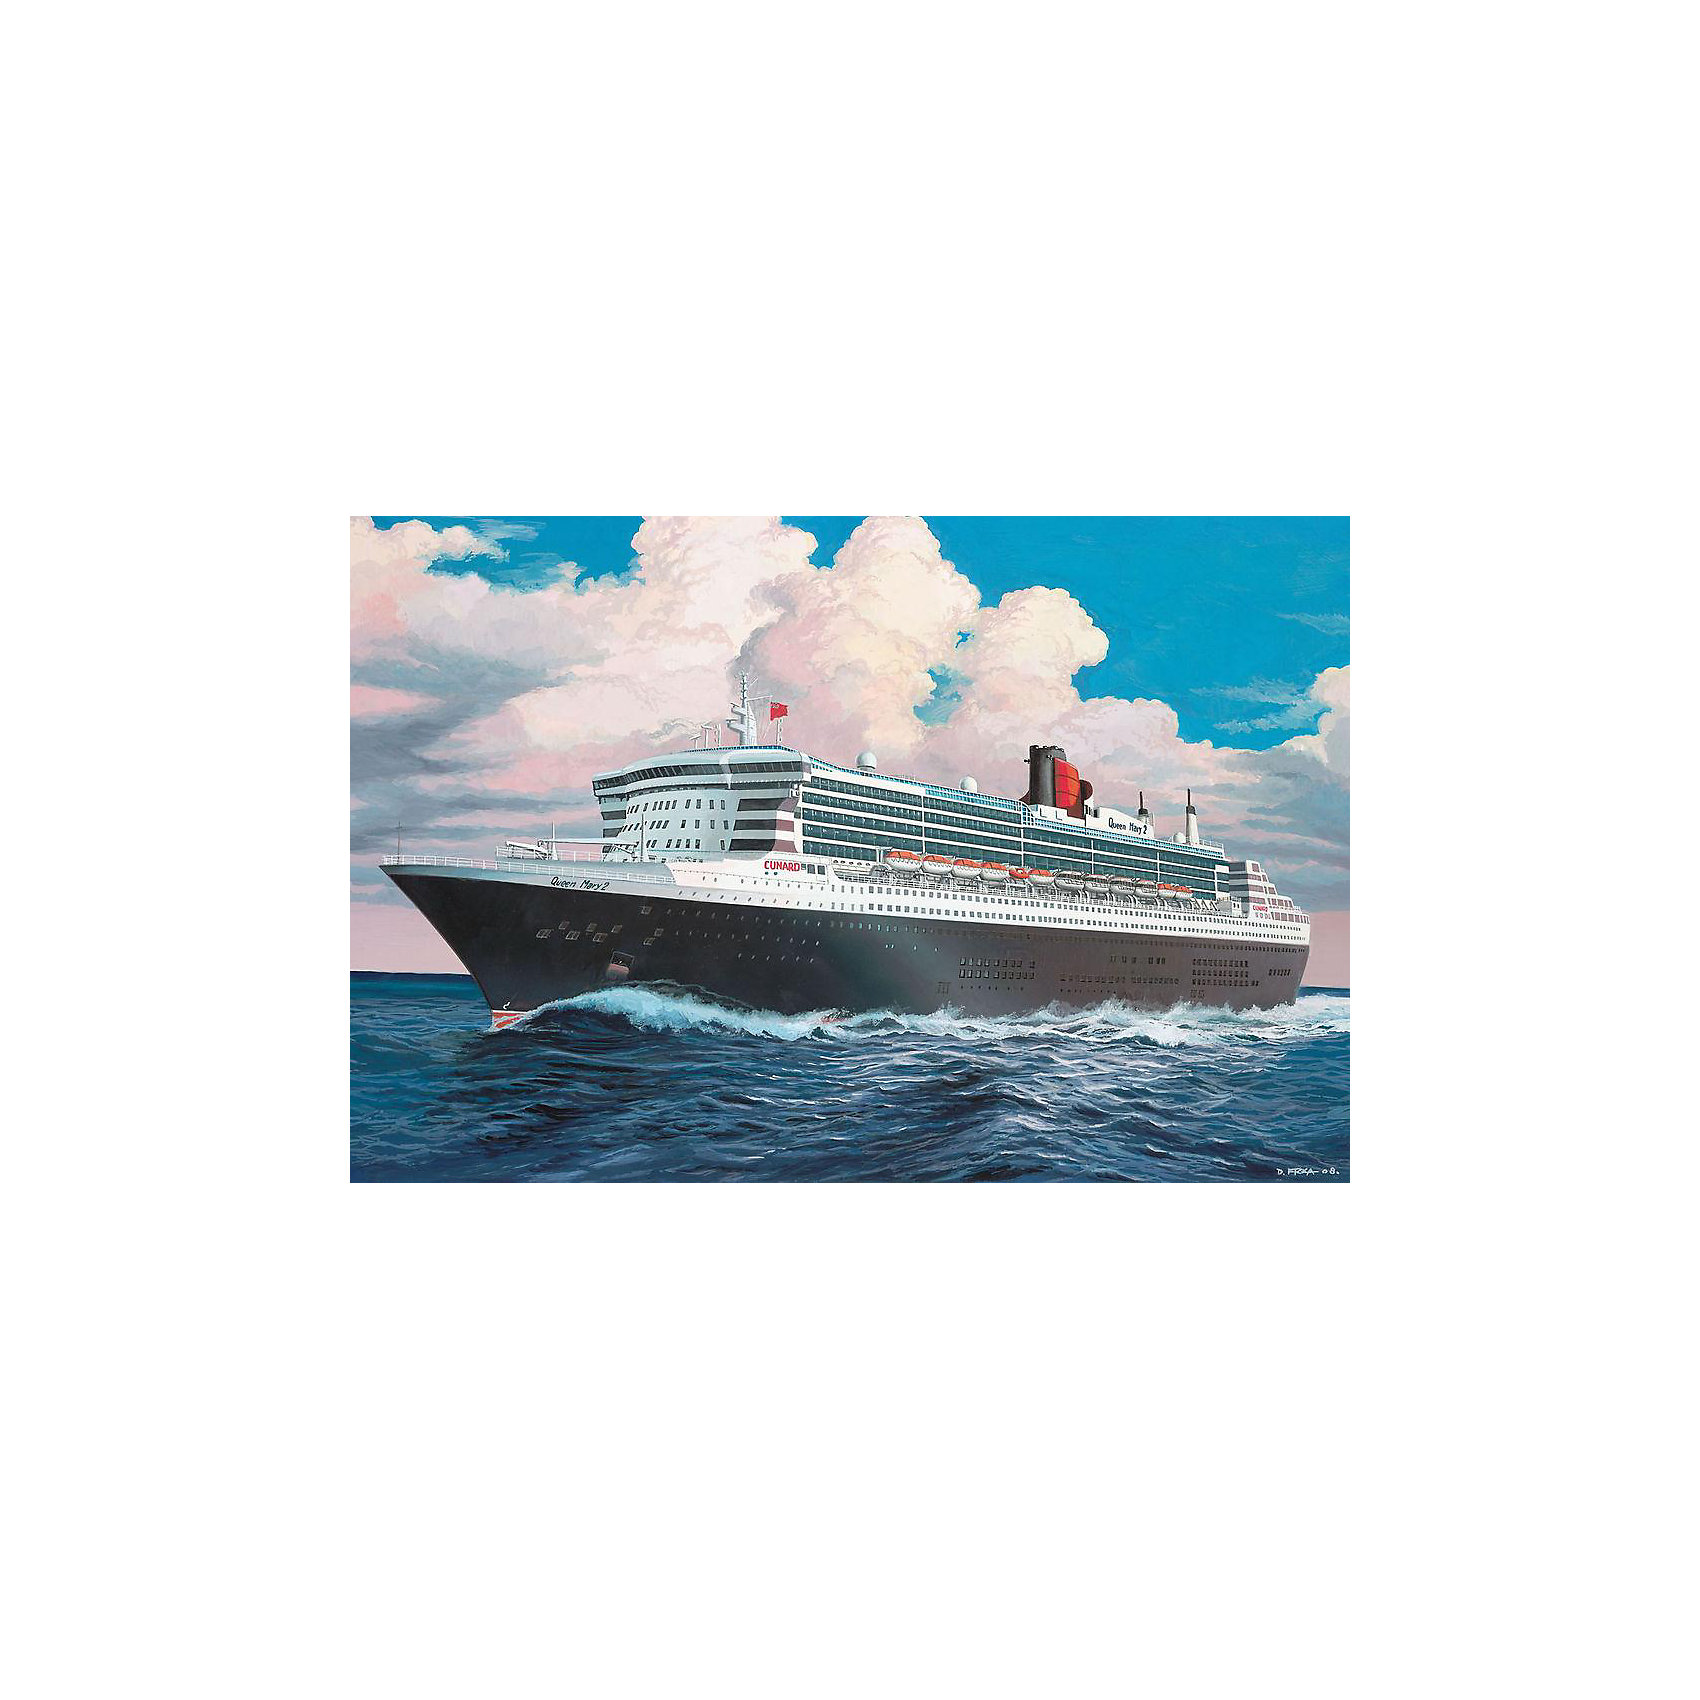 Лайнер Queen Mary 2 (1:1200)Модели для склеивания<br>Модель океанского лайнера Queen Mary 2. Корабль является флагманом британской судоходной компании Cunard Line. Был спущен на воду в 2003 году. На данным момент Queen Mary 2 является единственным судном курсирующий по трансатлантической линии Саутгемптон — Нью-Йорк. <br>Масштаб: 1:1200 <br>Количество деталей: 45 <br>Длина модели: 287 мм <br>Подойдет для детей старше 10-и лет. <br>ВНИМАНИЕ: Клей, краски и кисточки приобретаются отдельно.<br><br>Ширина мм: 183<br>Глубина мм: 46<br>Высота мм: 311<br>Вес г: 220<br>Возраст от месяцев: 168<br>Возраст до месяцев: 1164<br>Пол: Мужской<br>Возраст: Детский<br>SKU: 1720802